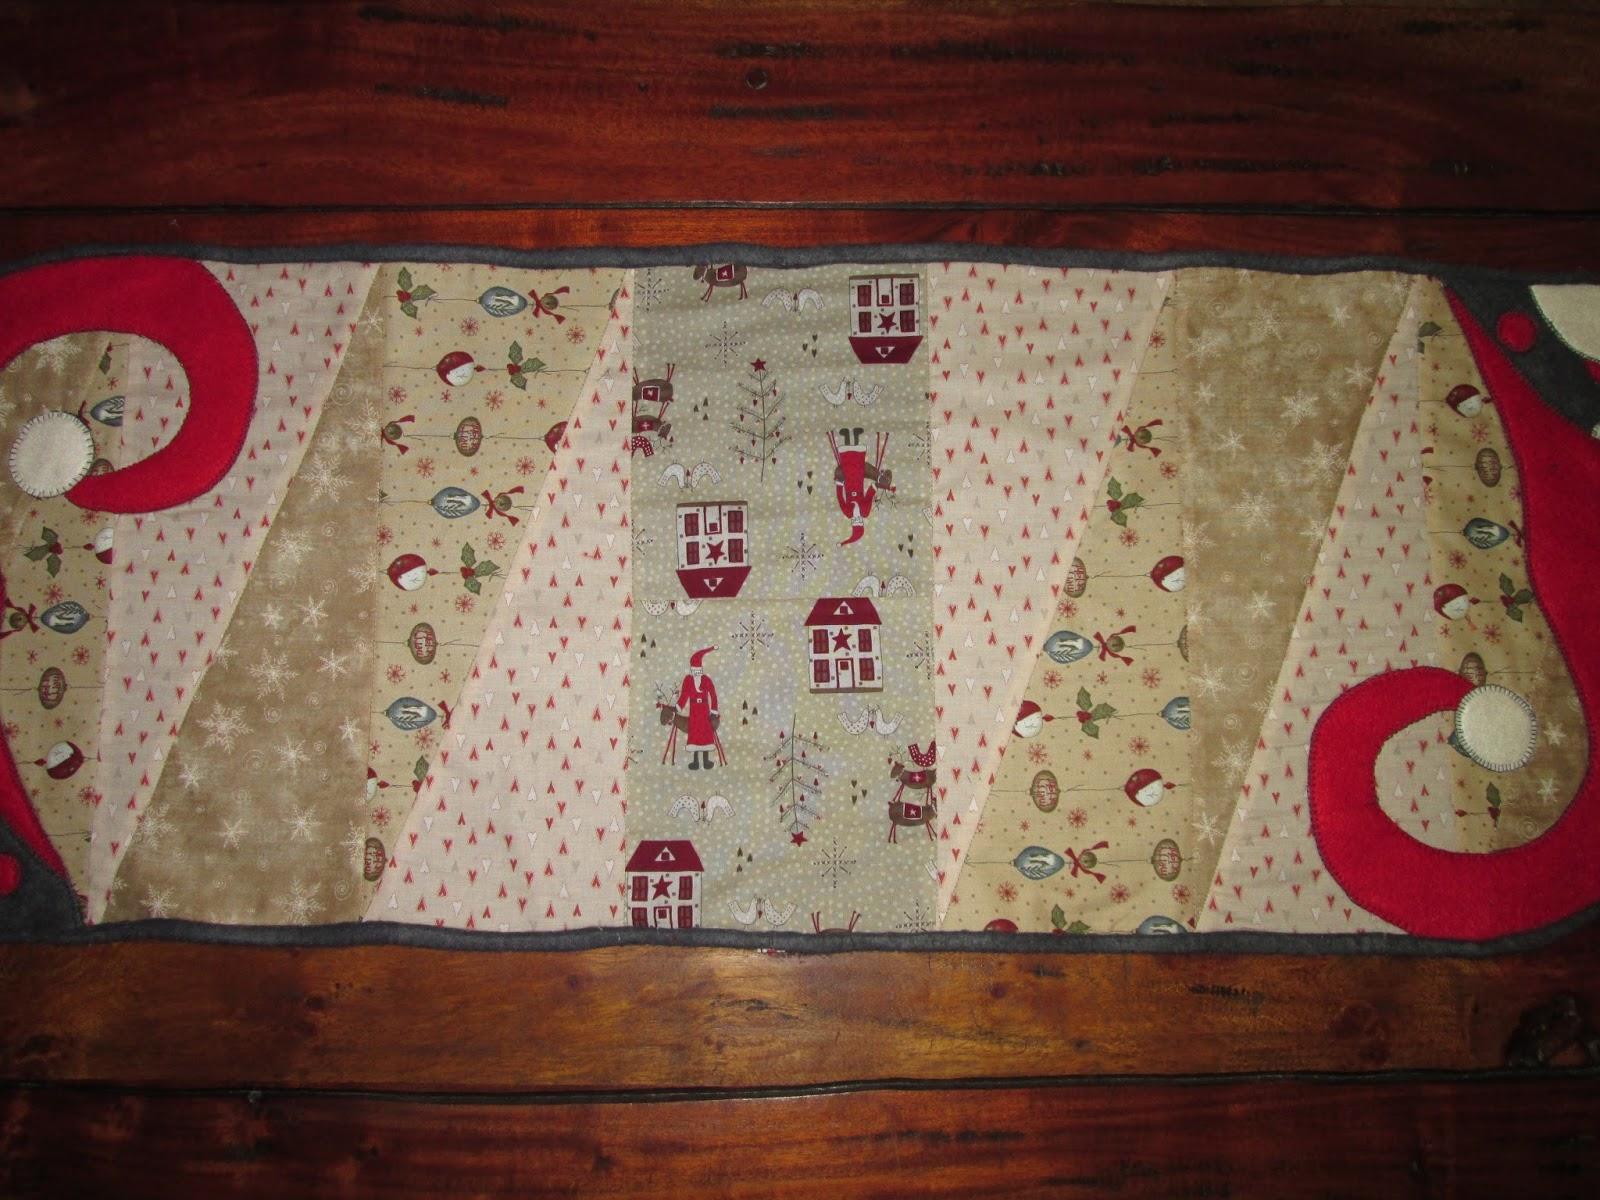 Idee Cucito Per Natale : Carmen country colorare creare cucire cucito natalizio